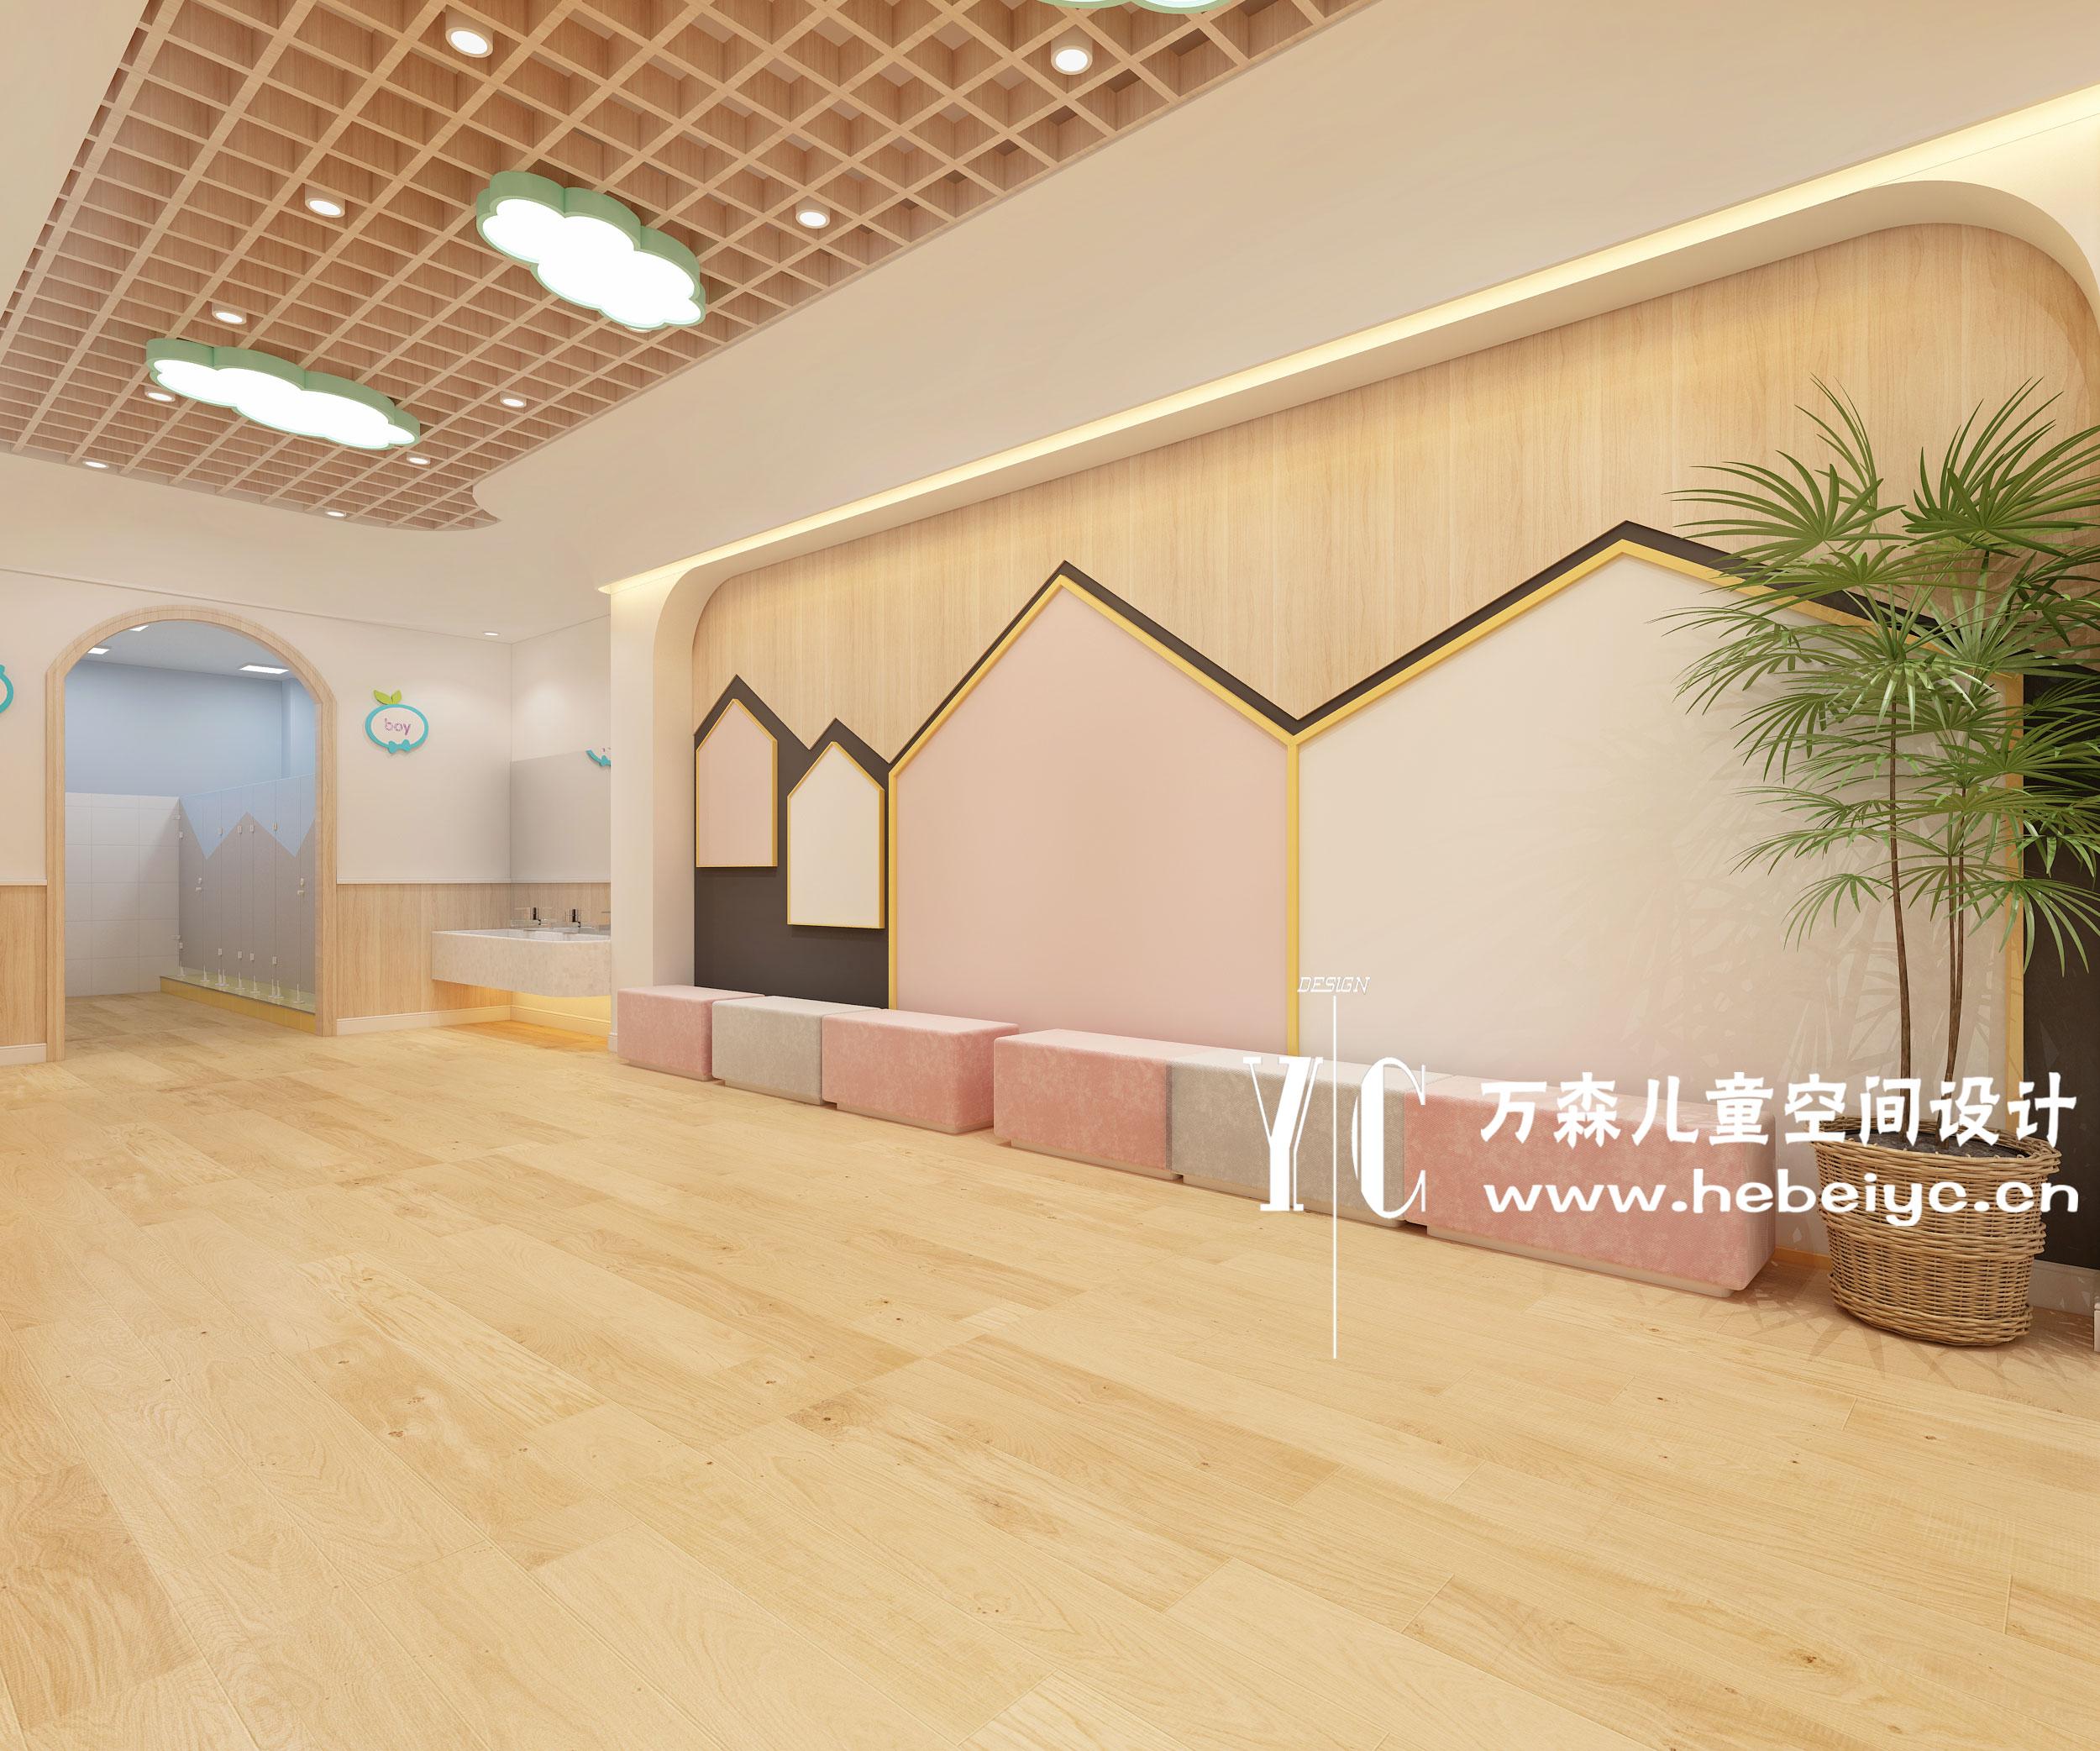 北京|幼儿园设计|幼儿园大厅设计|幼儿园整体设计哪家好大图